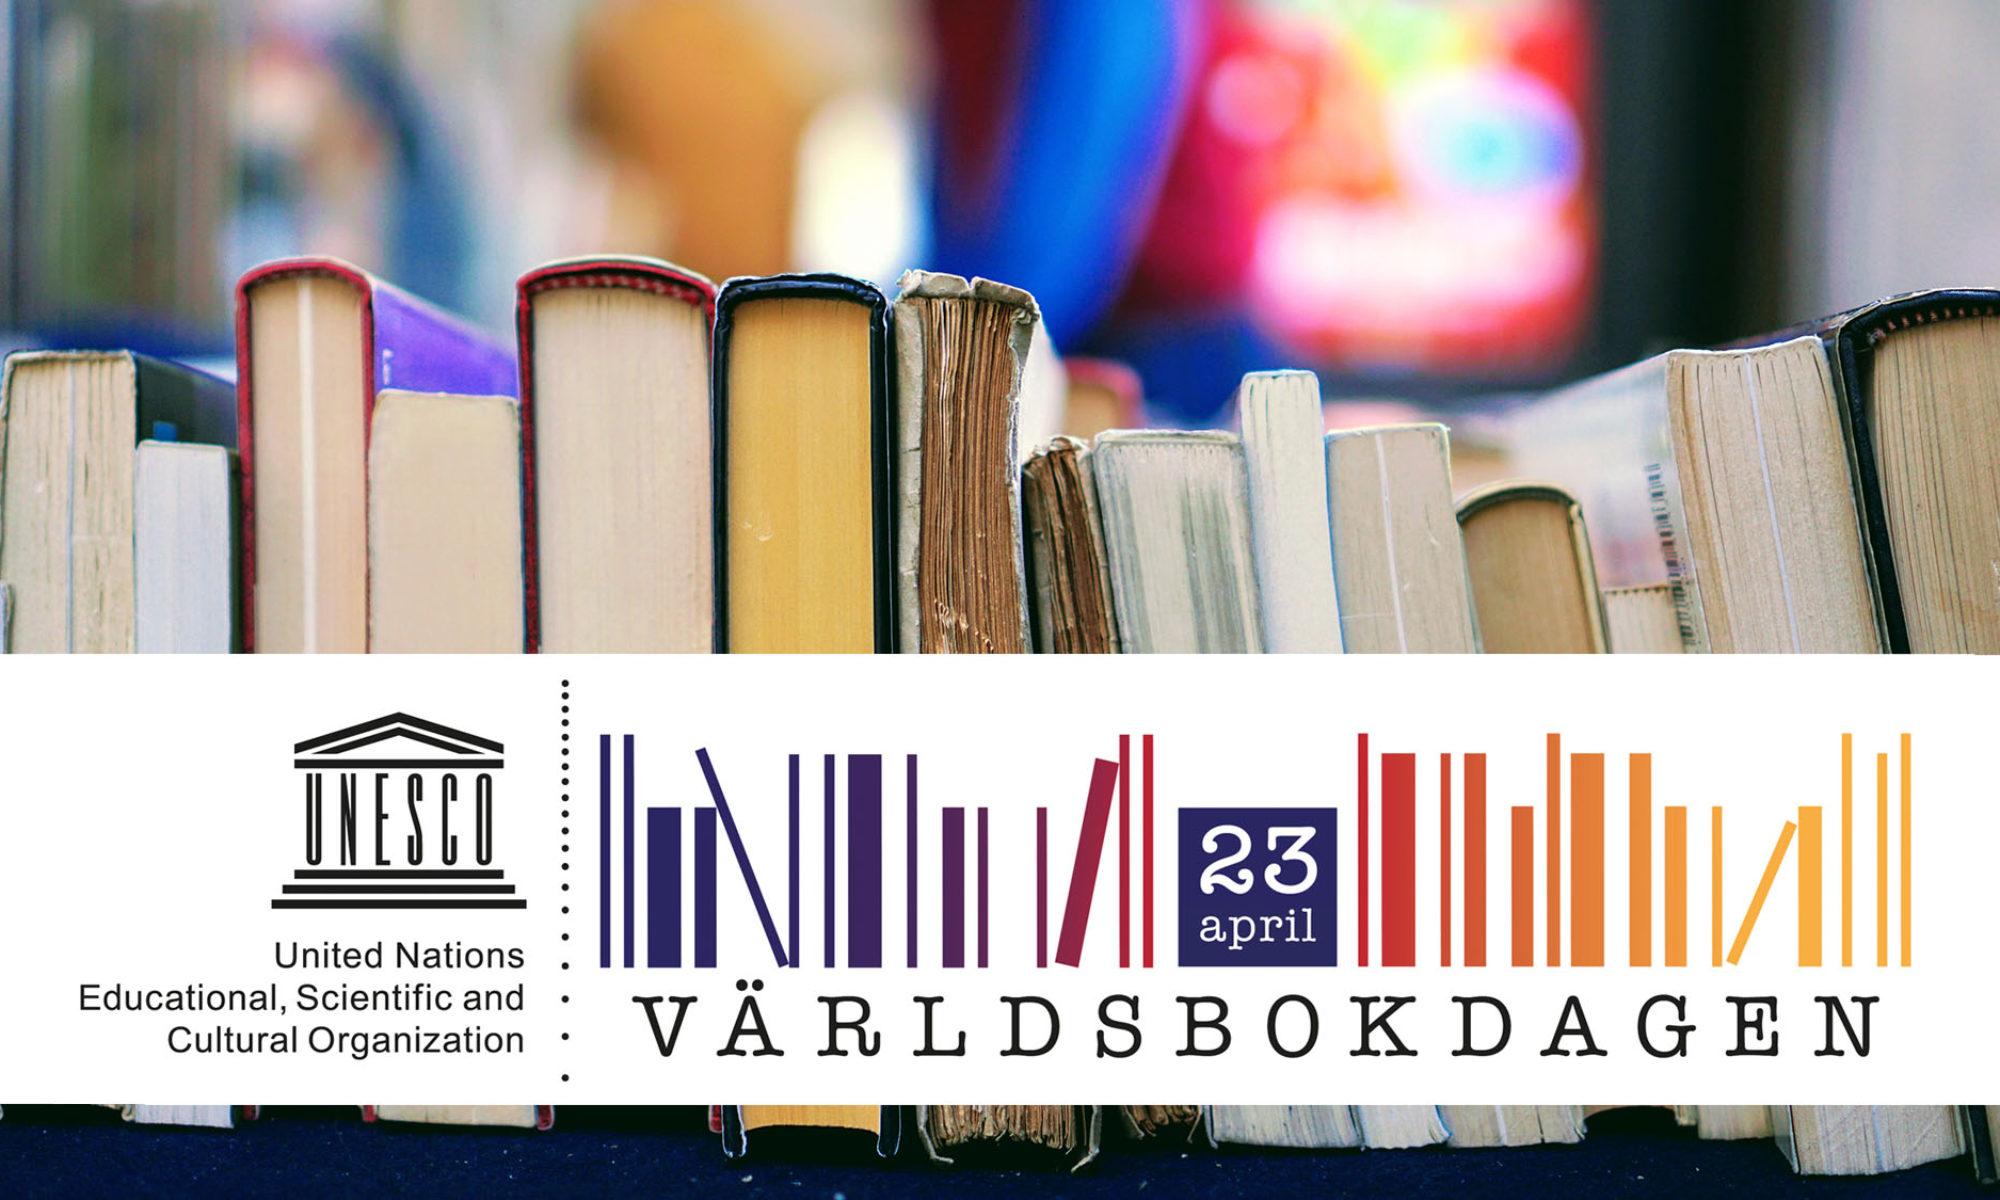 Logotyp för världsbokdagen på en bild med en bokstapel ställd på högkant, med suddig bakgrund